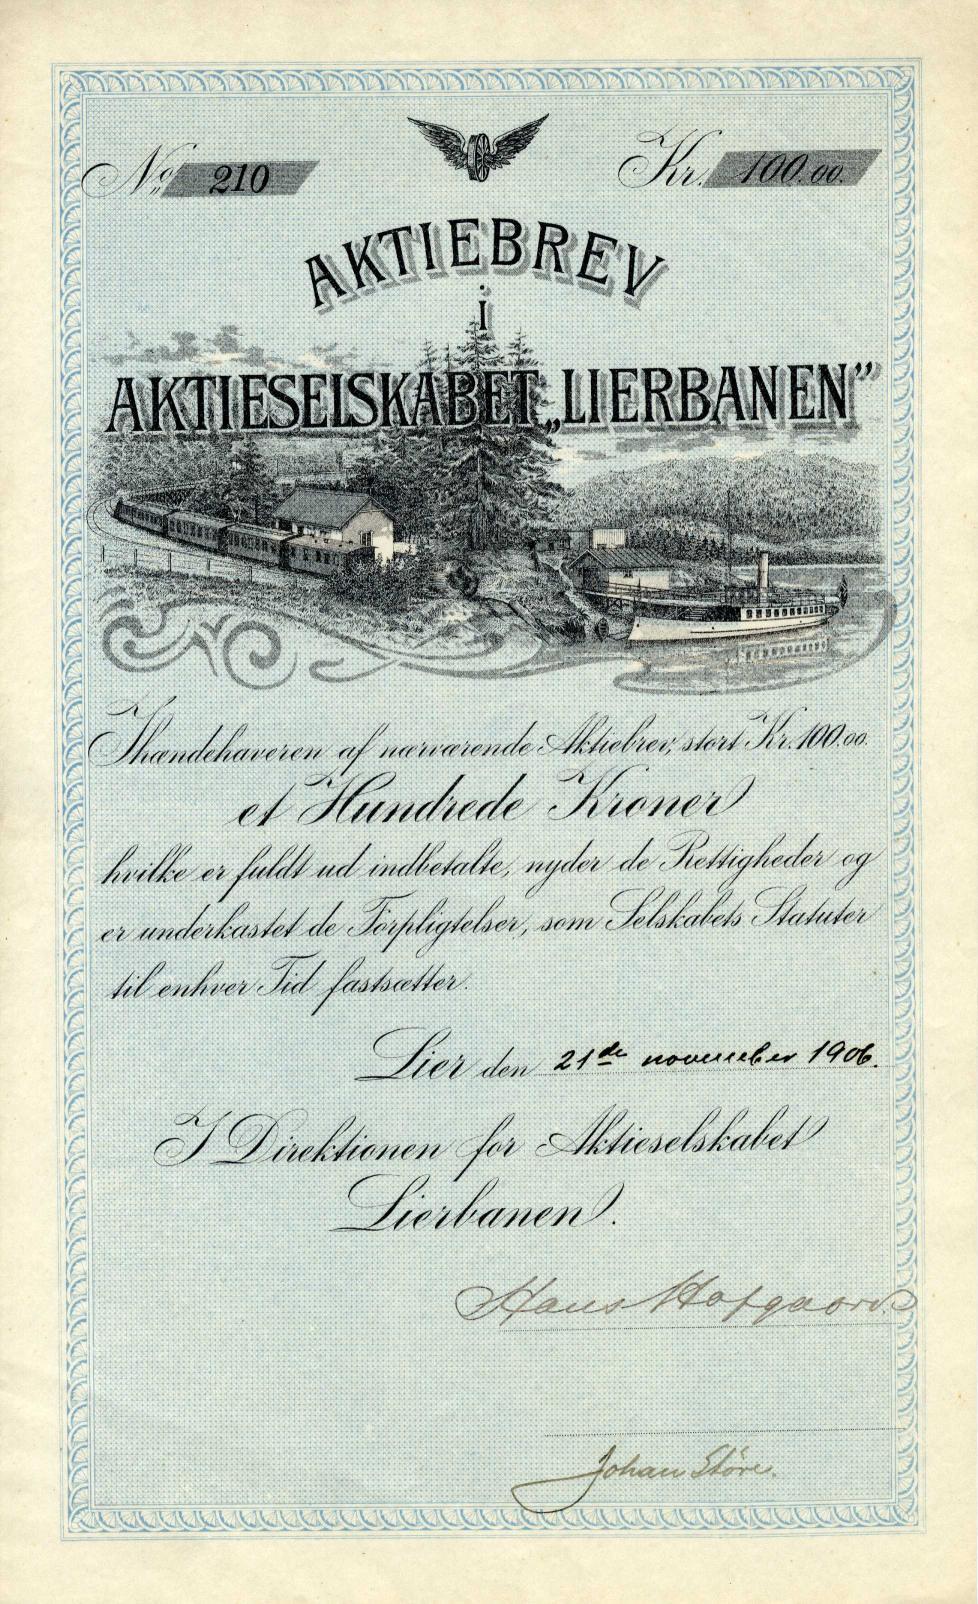 lierbanen_1906_100